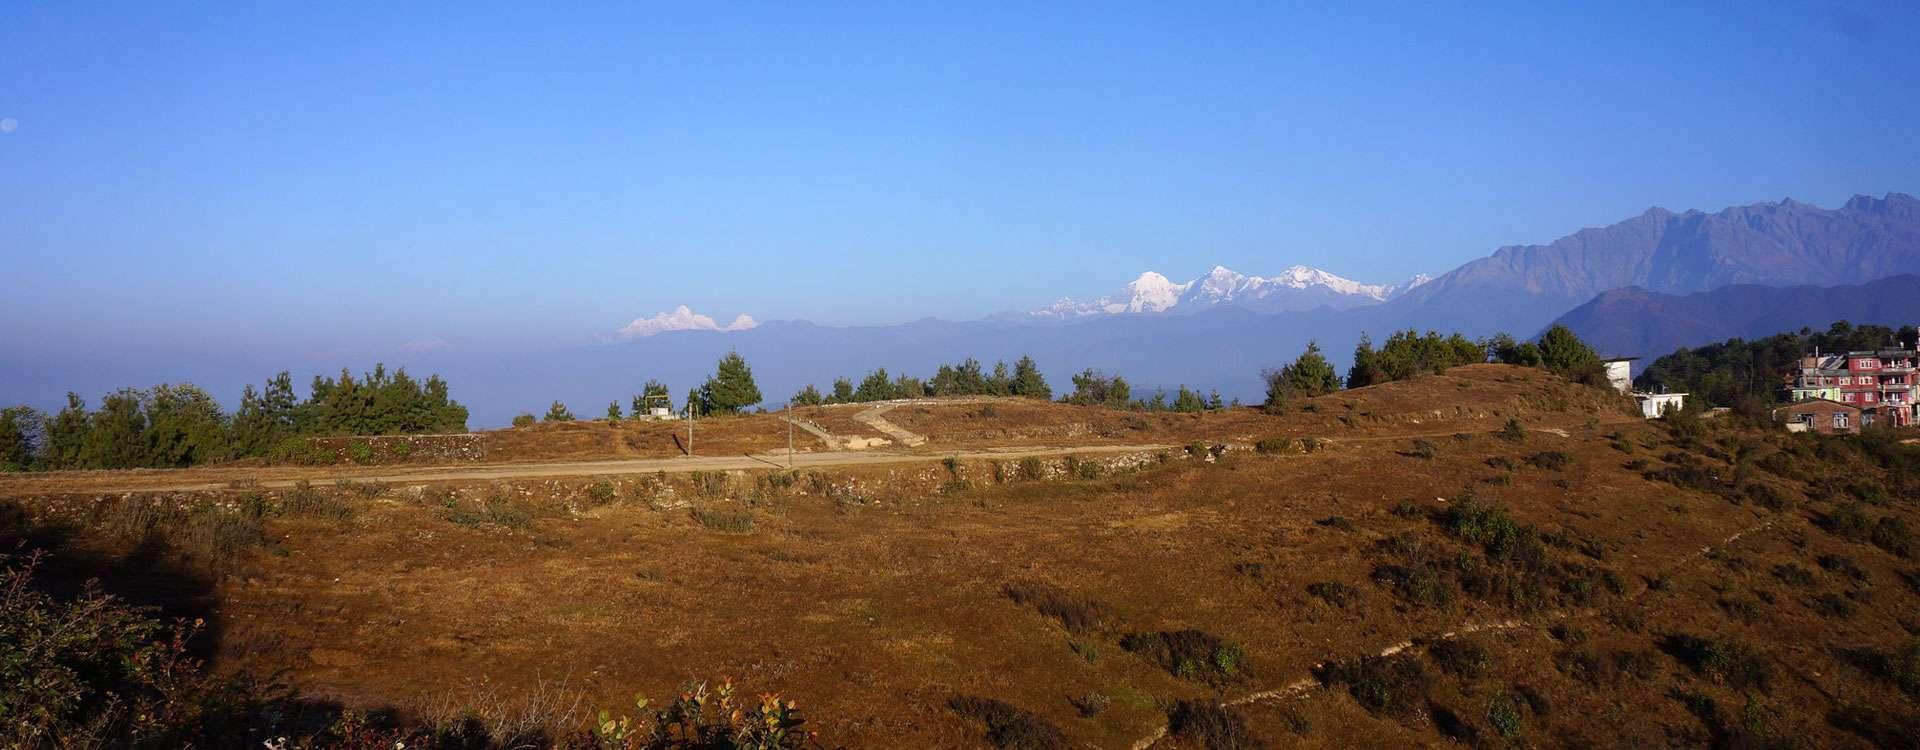 Chisapani Trekking